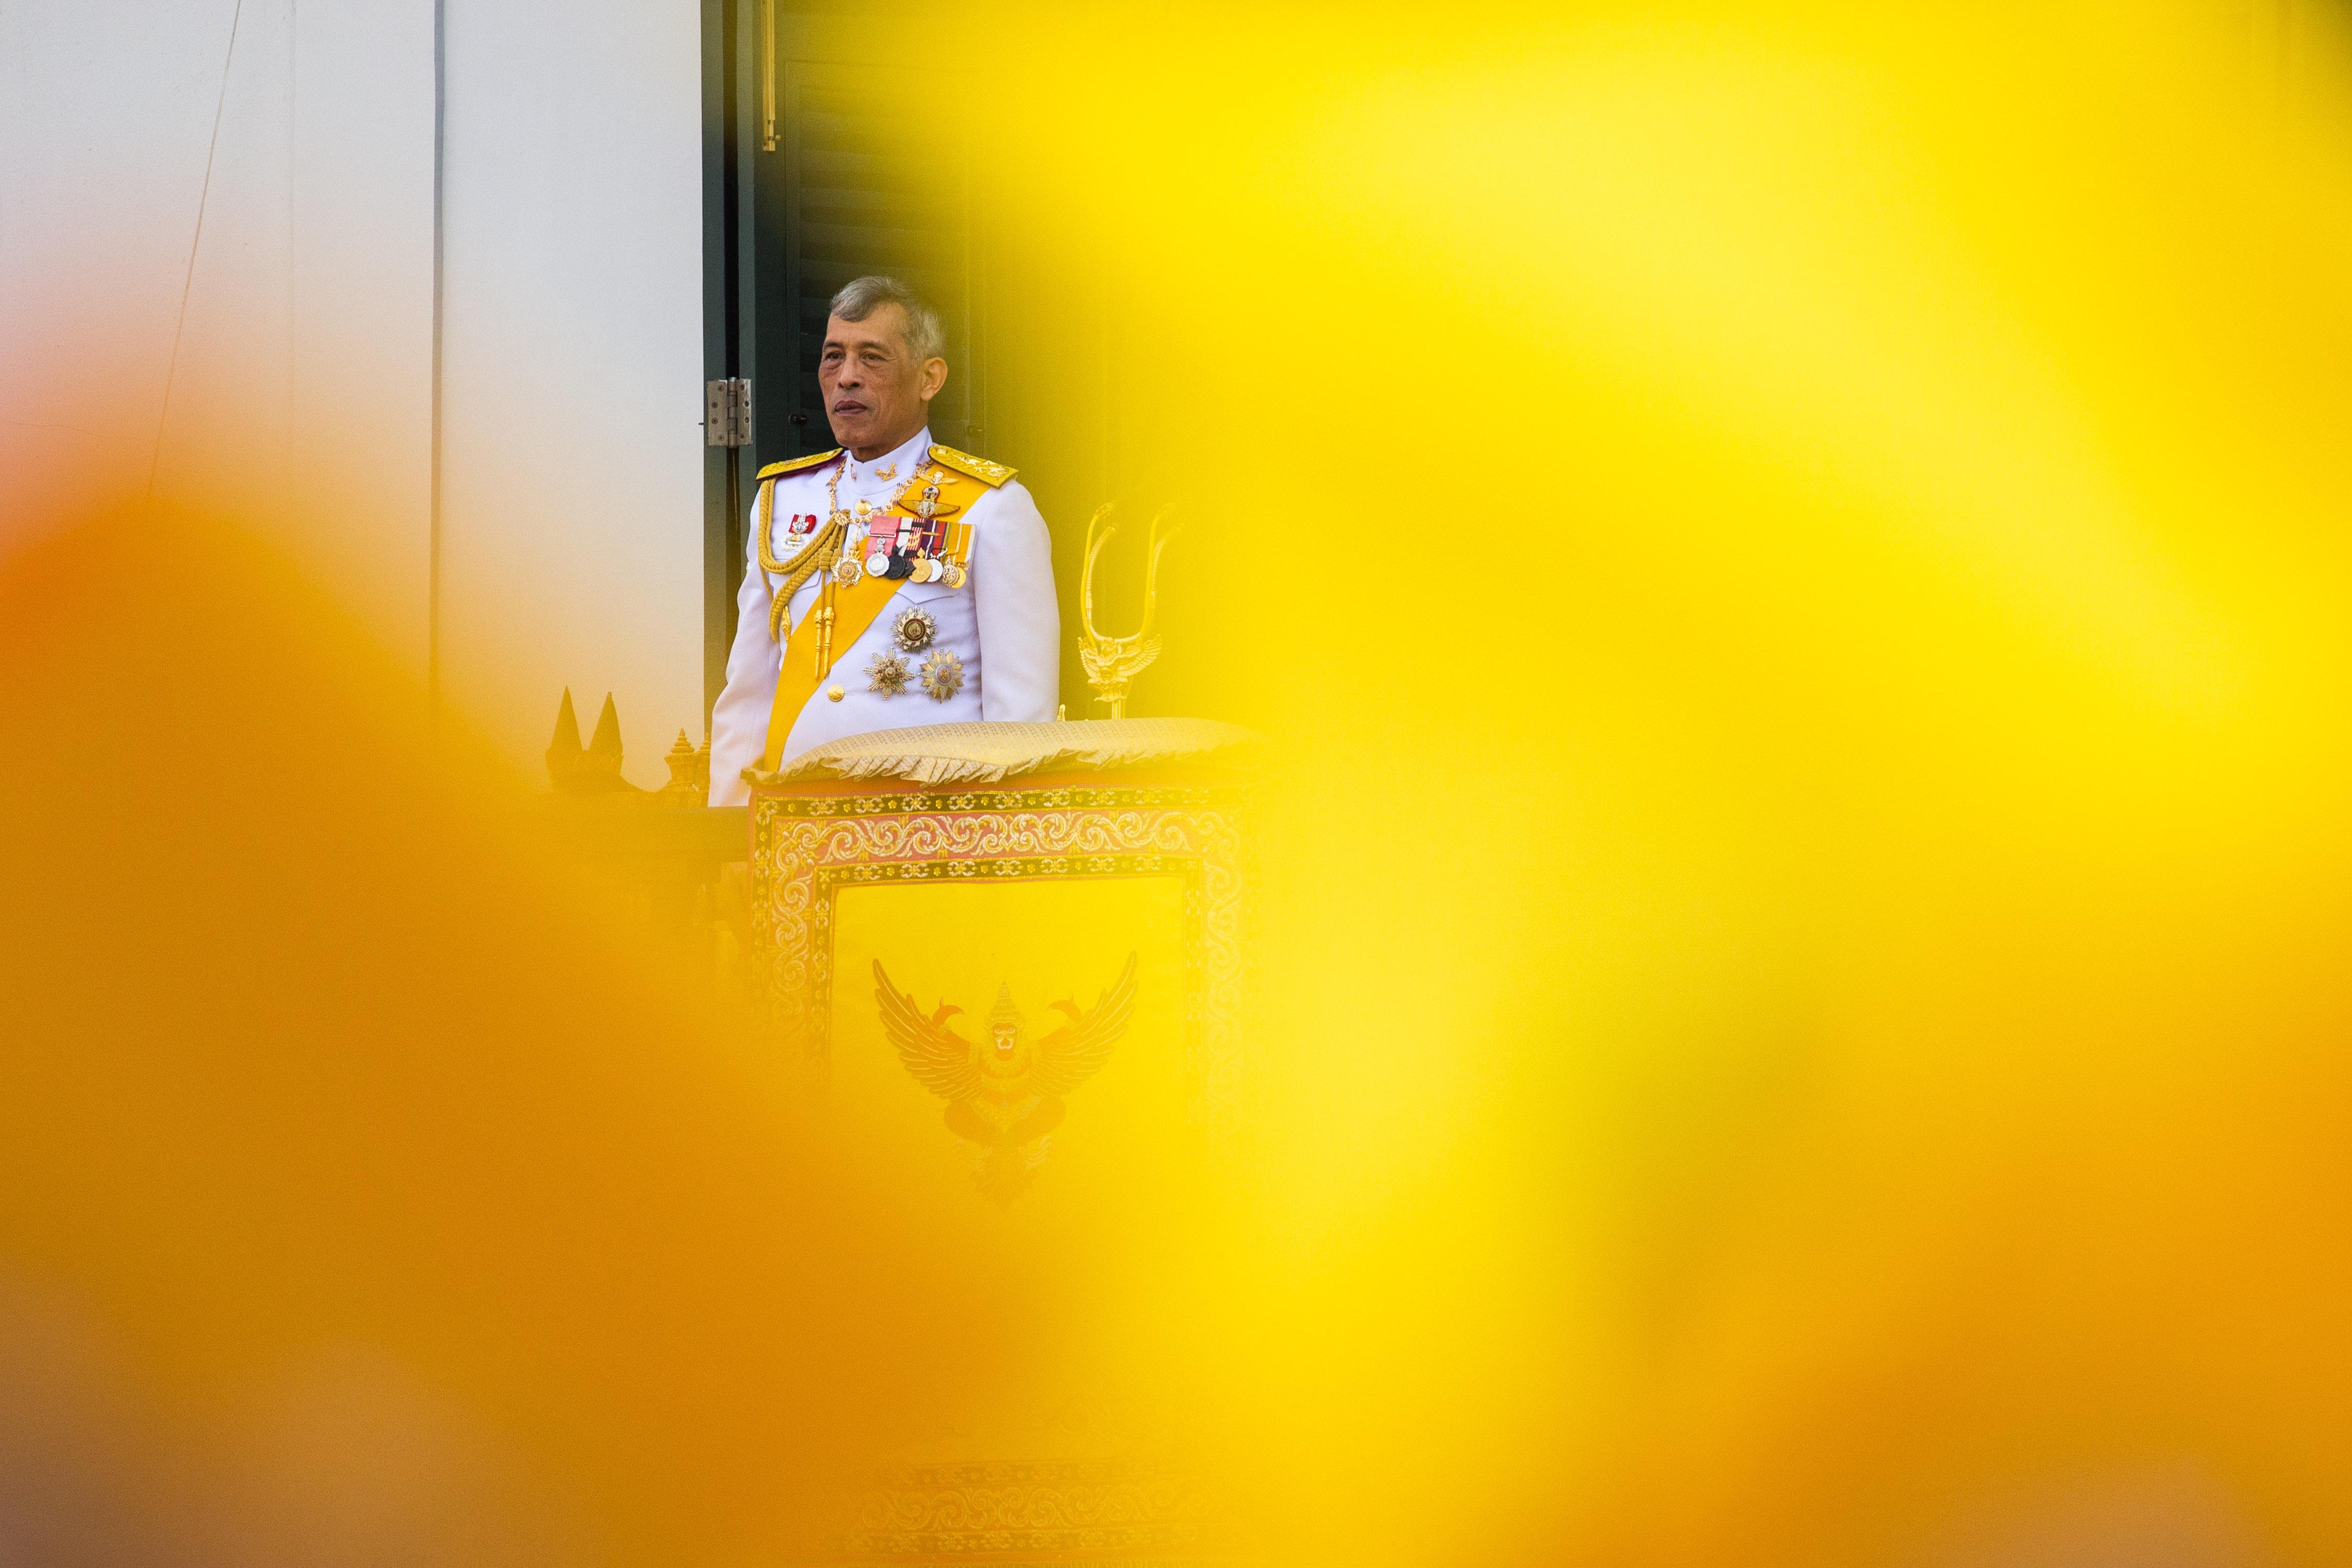 King Maha Vajiralongkorn addresses the public on a balcony of Suddhaisavarya Prasad Hall in the Grand Palace on May 6, 2019 in Bangkok, Thailand.